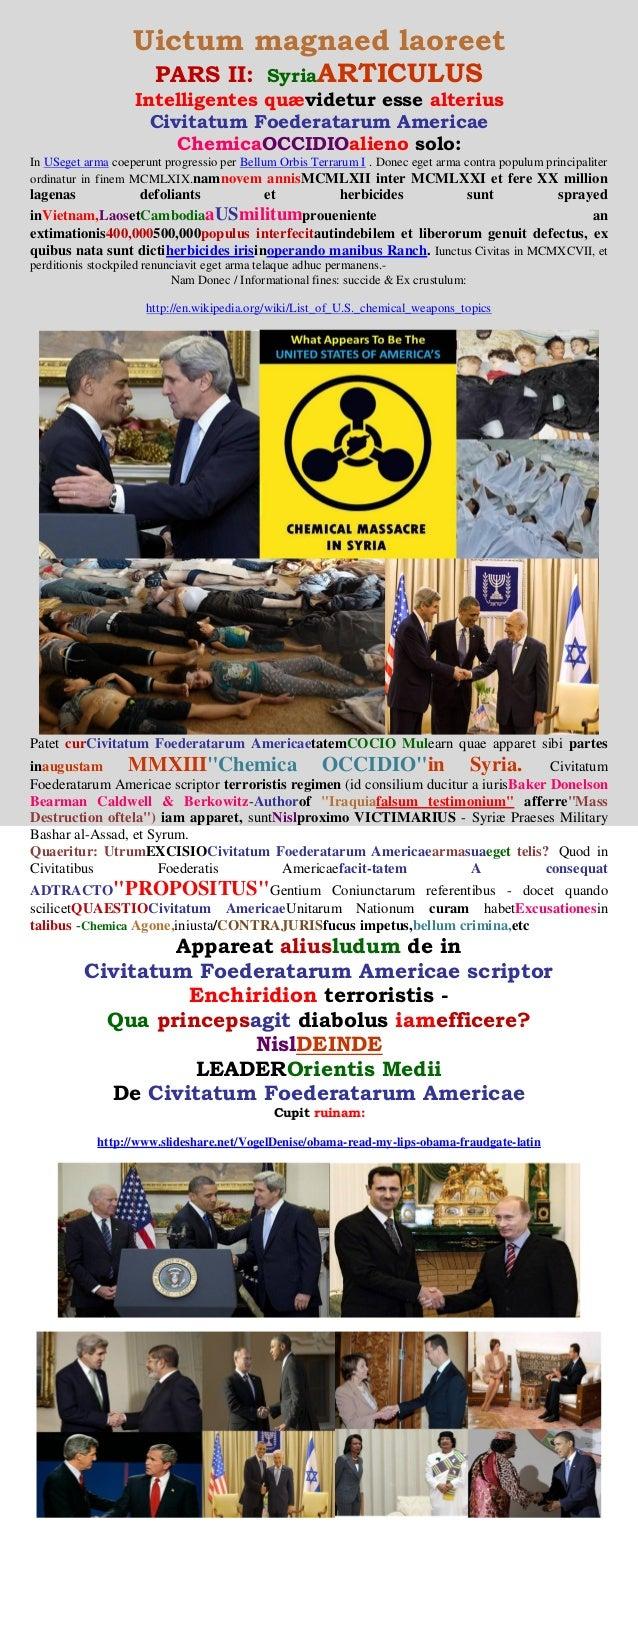 Uictum magnaed laoreet PARS II: SyriaARTICULUS Intelligentes quævidetur esse alterius Civitatum Foederatarum Americae Chem...